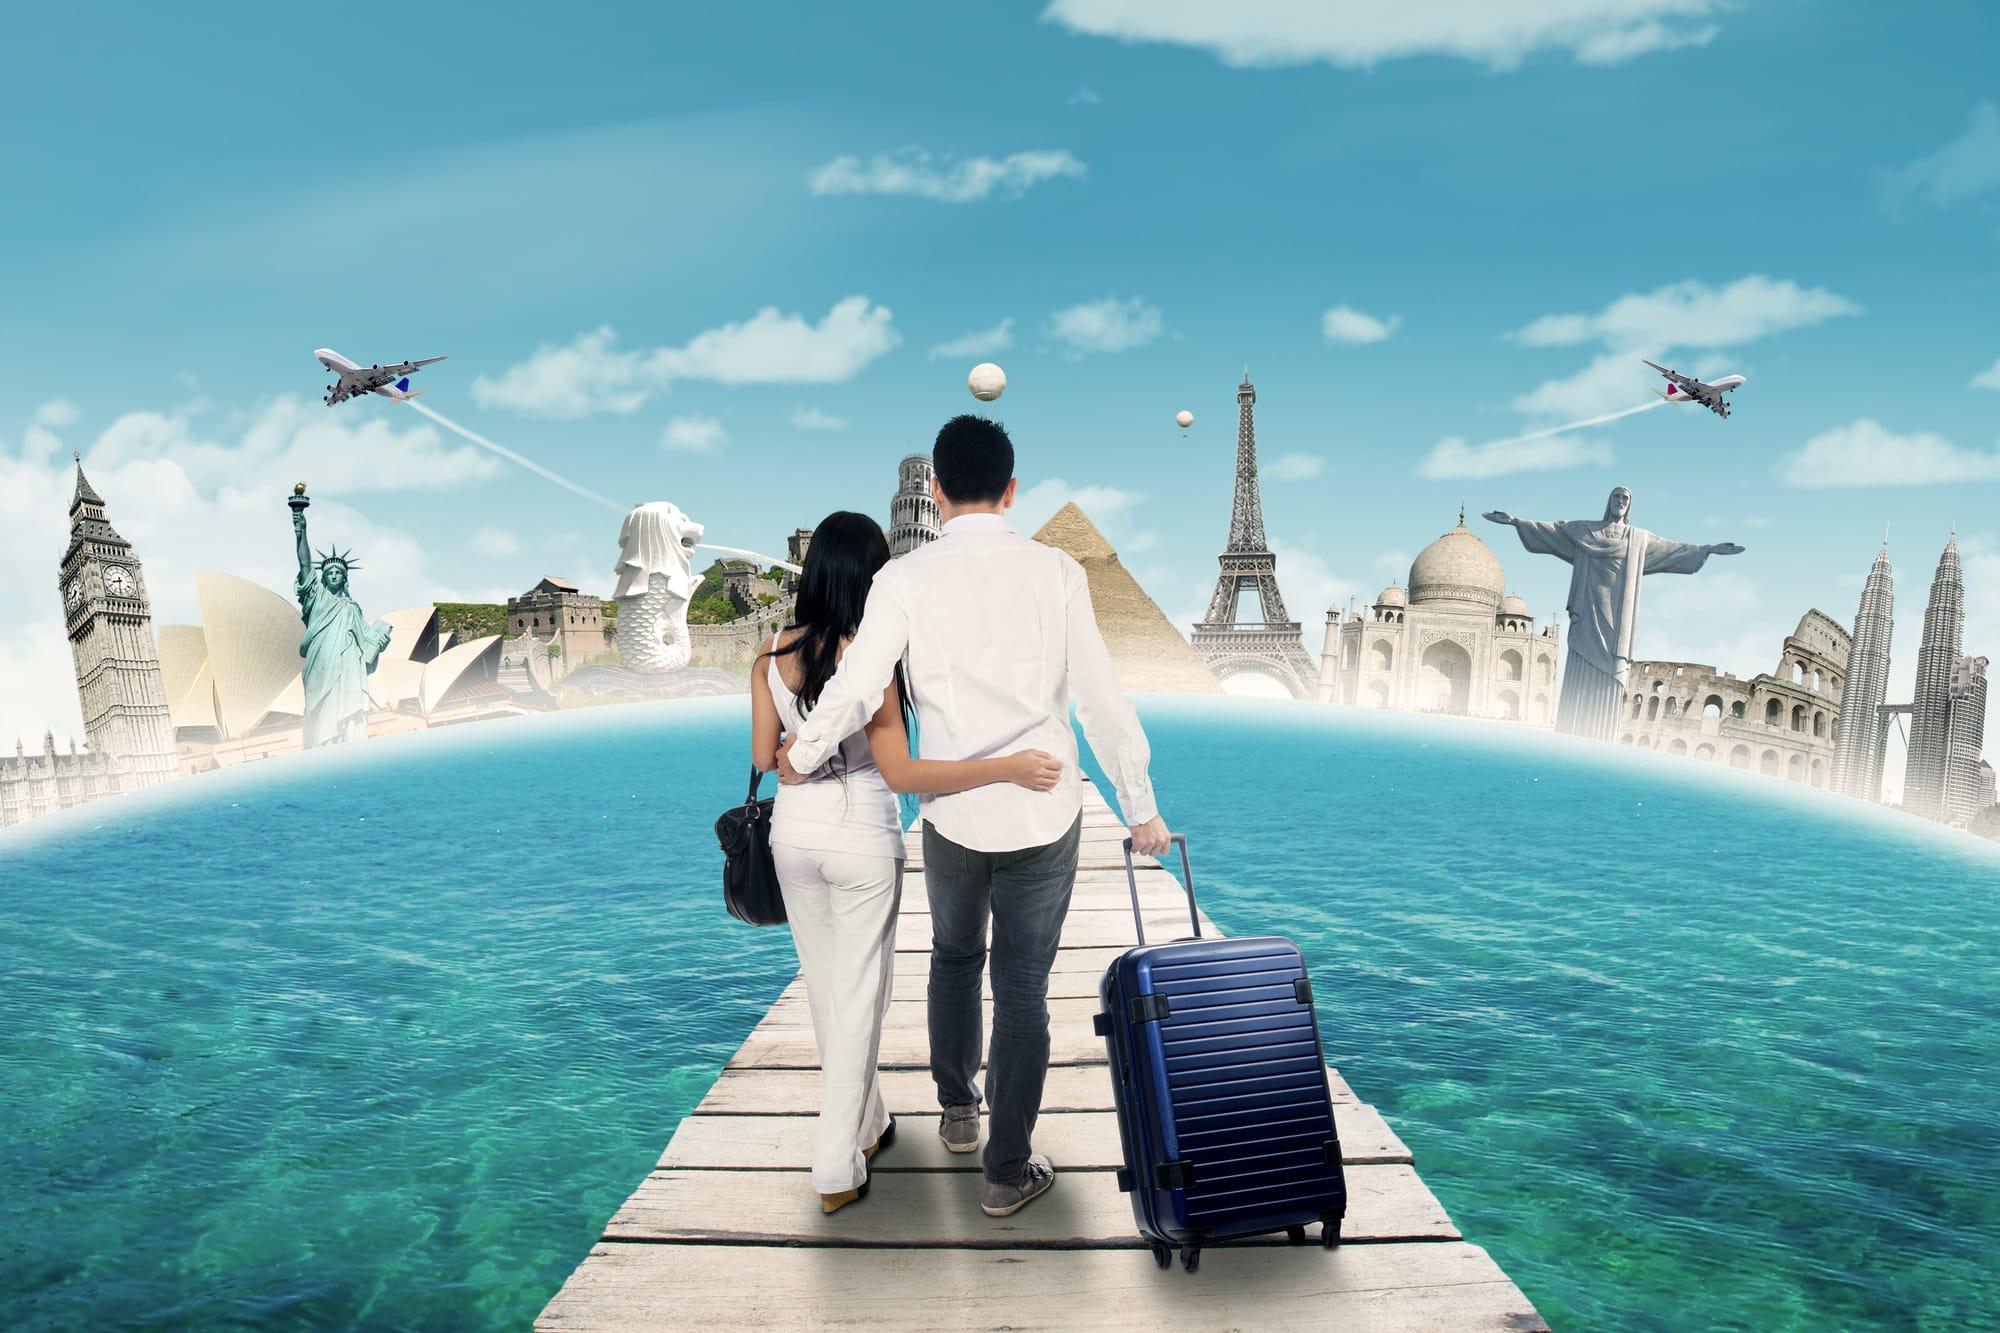 предпочитают открытые картинки туризм и путешествия пейзаж